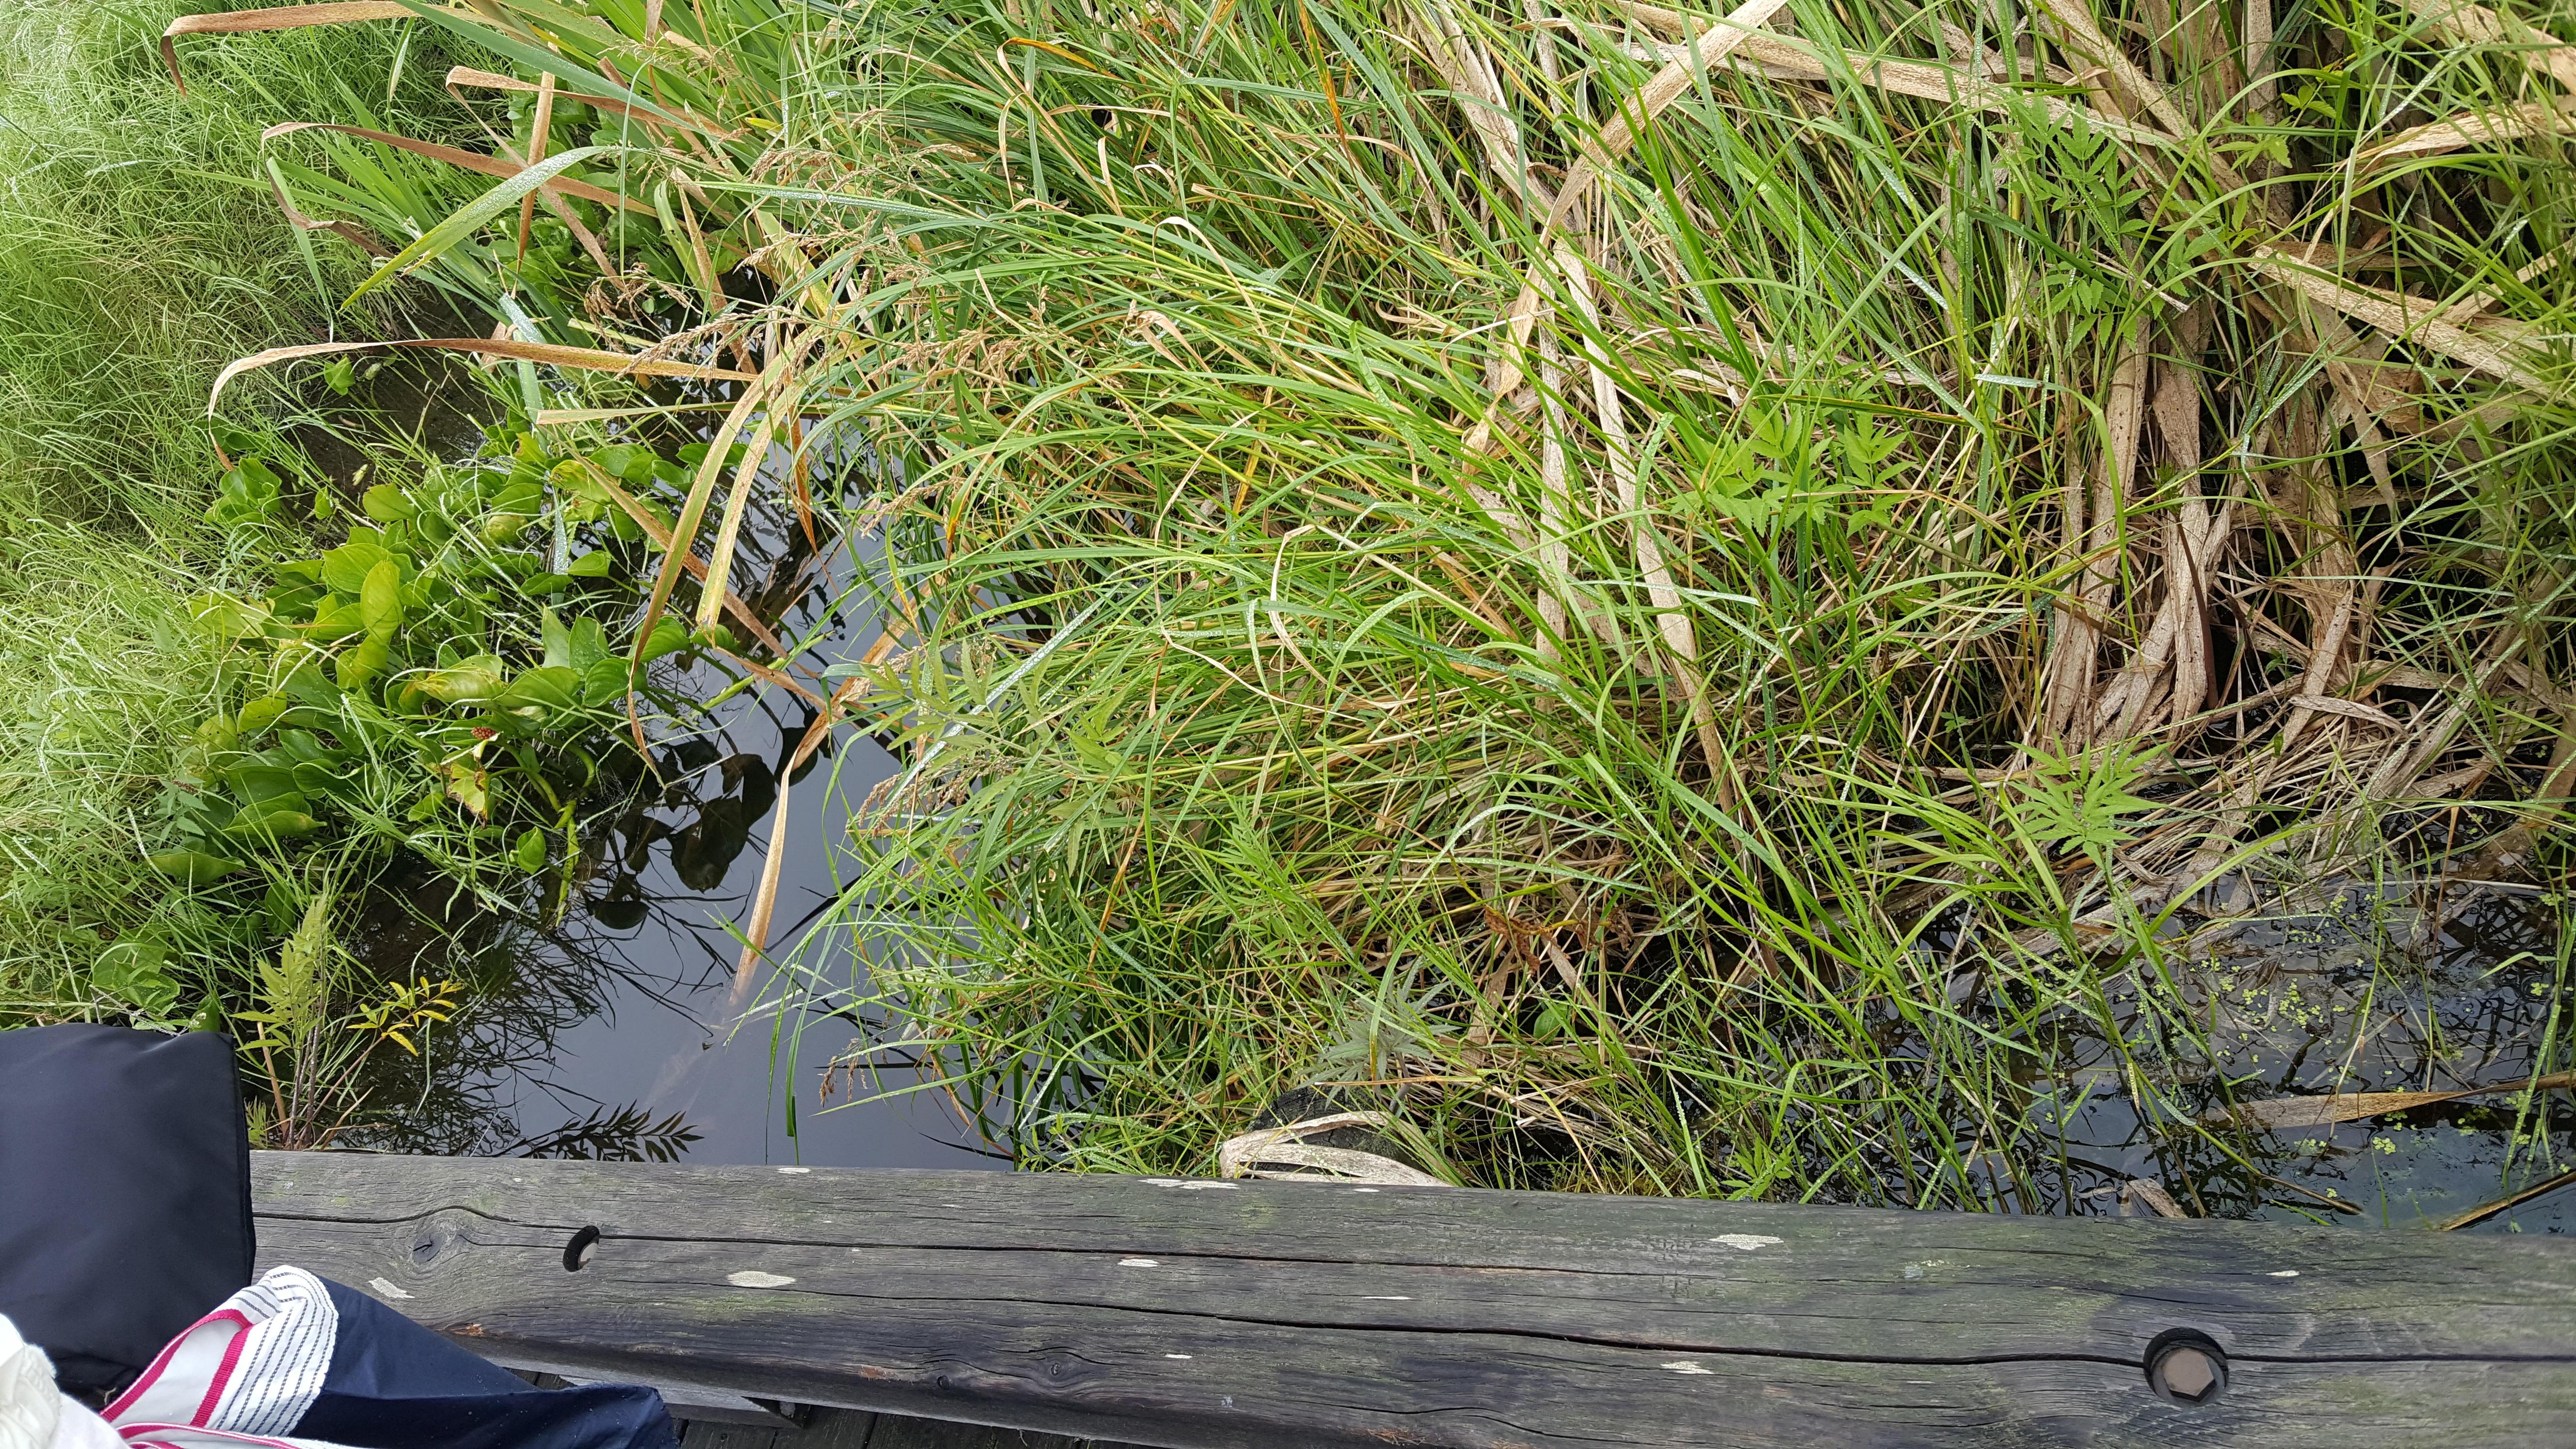 葦が生い茂る地 (家康が江戸を建てた頃) - 中央区観光協会特派員ブログ